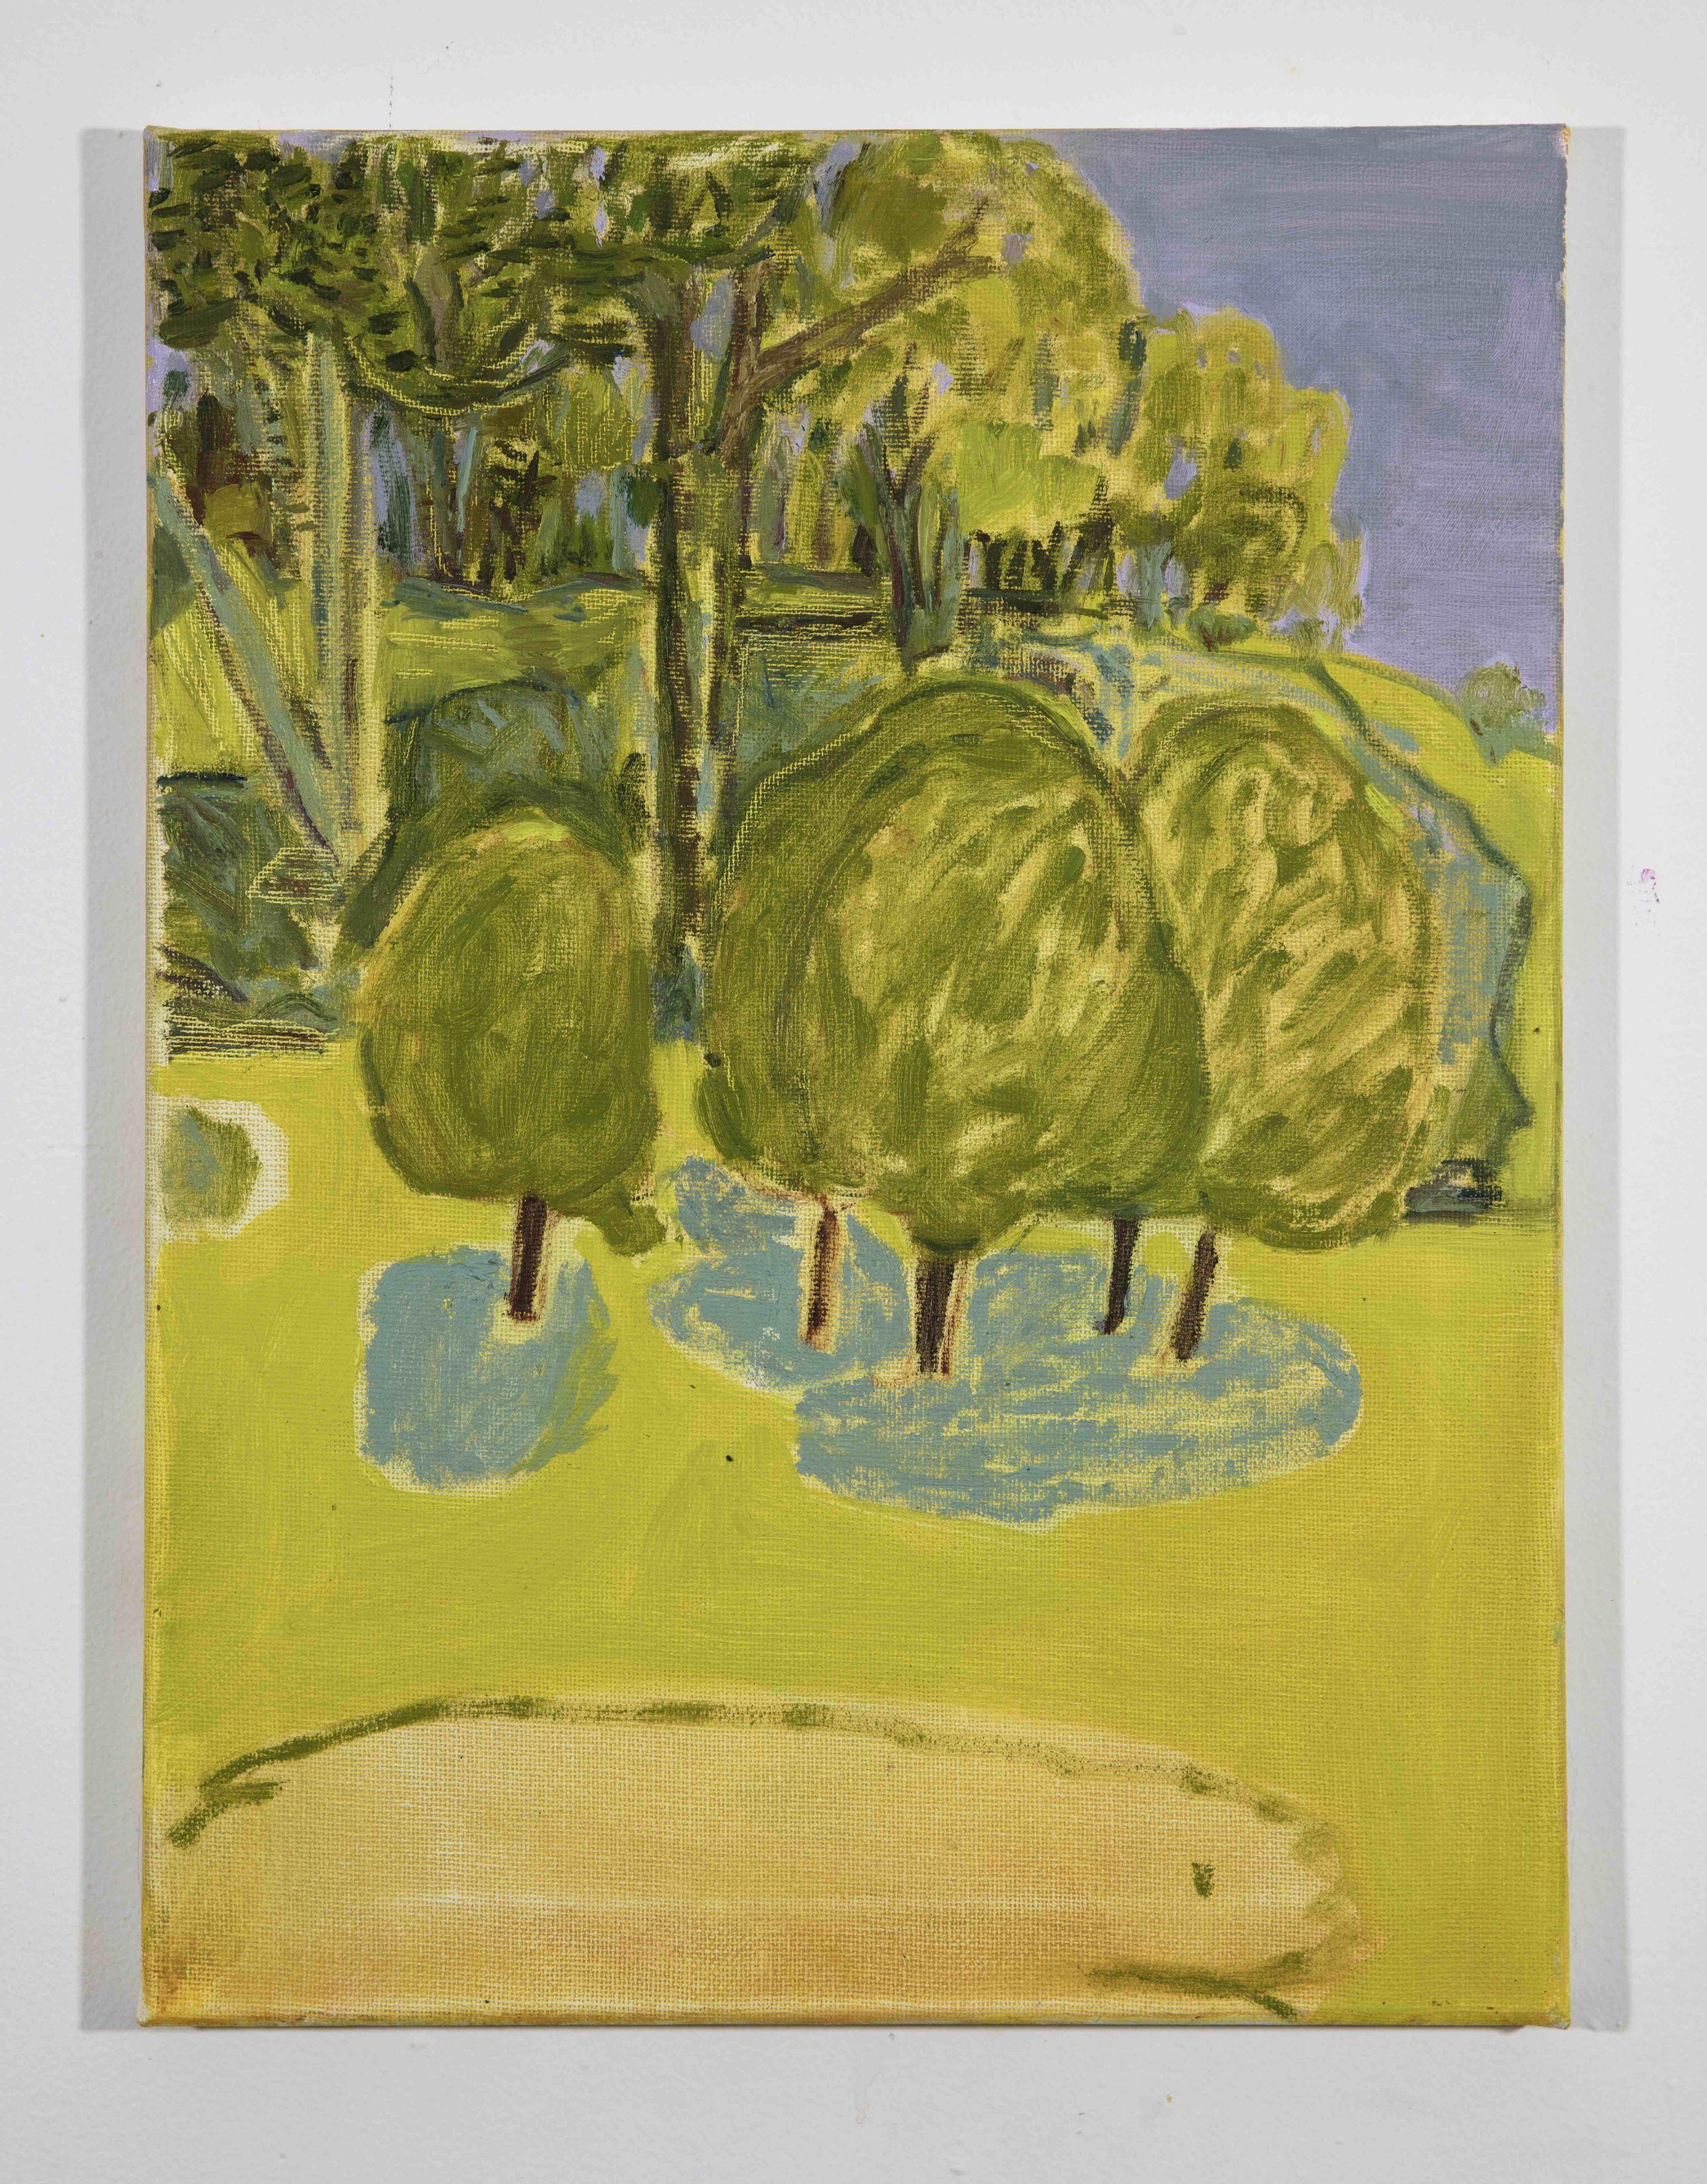 LISA SANDITZ, Landscape Color Study 18, 2019